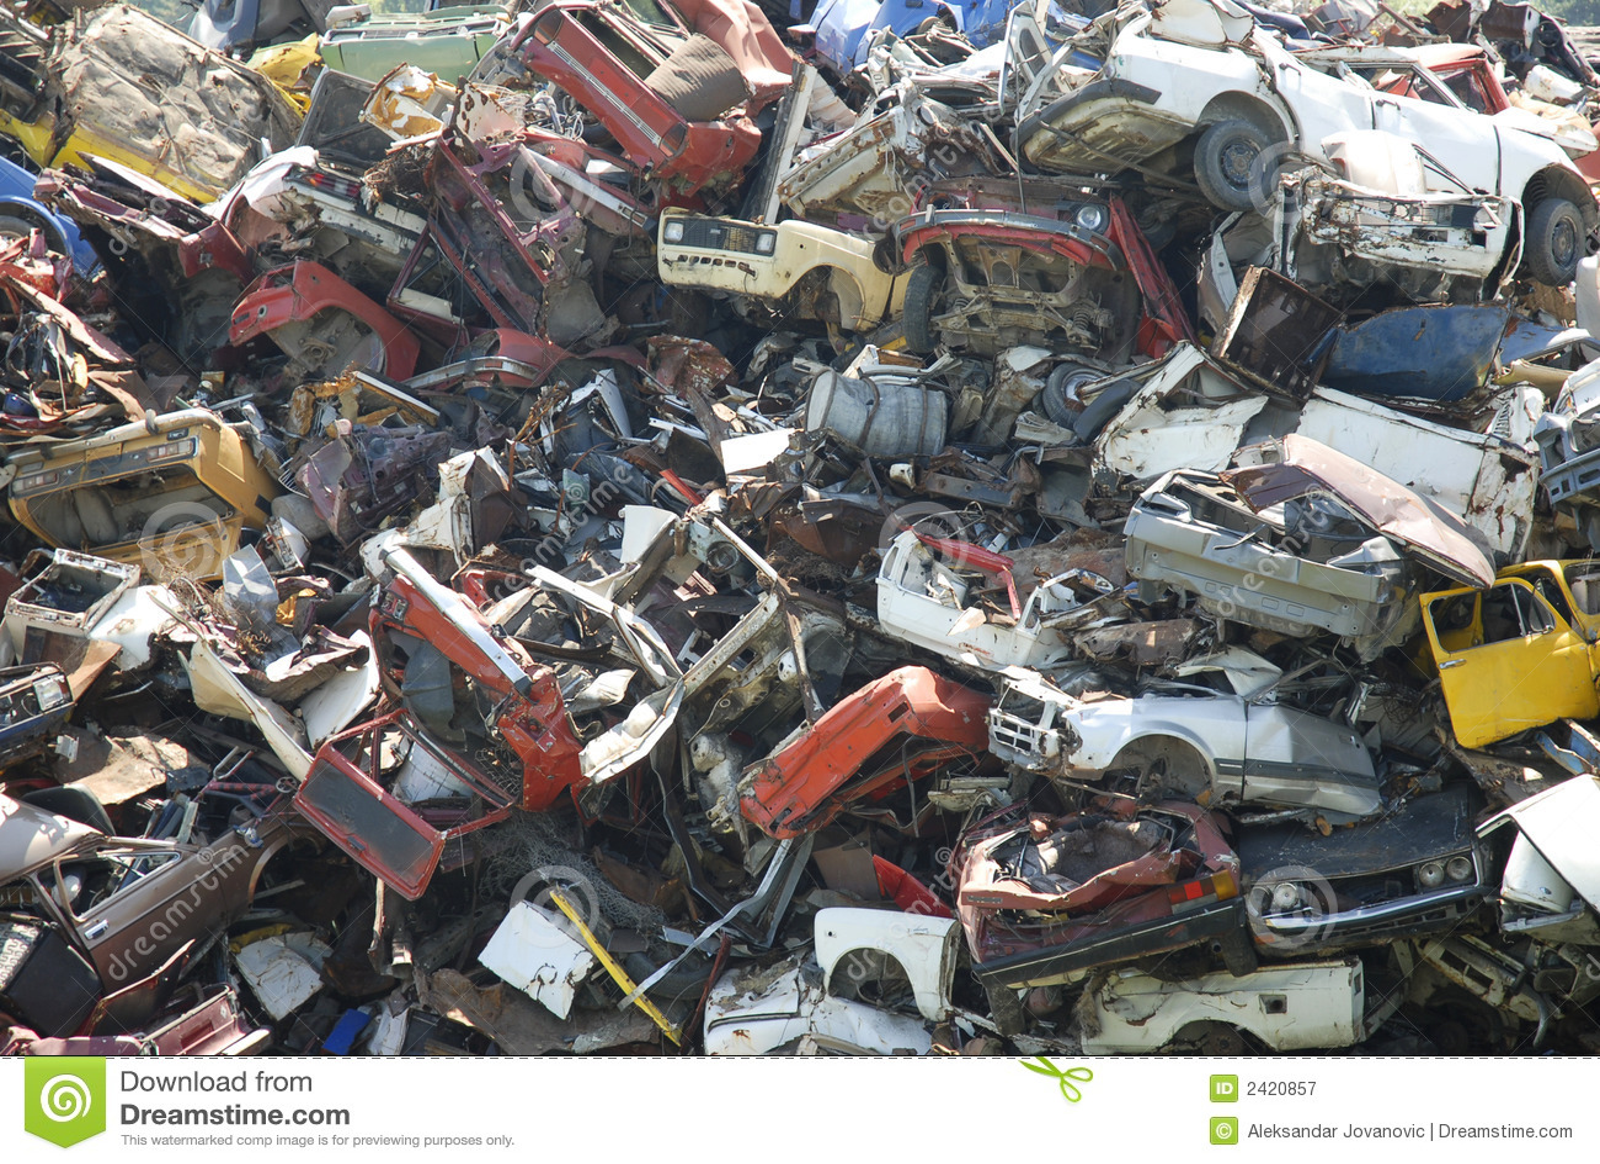 Car wrecs